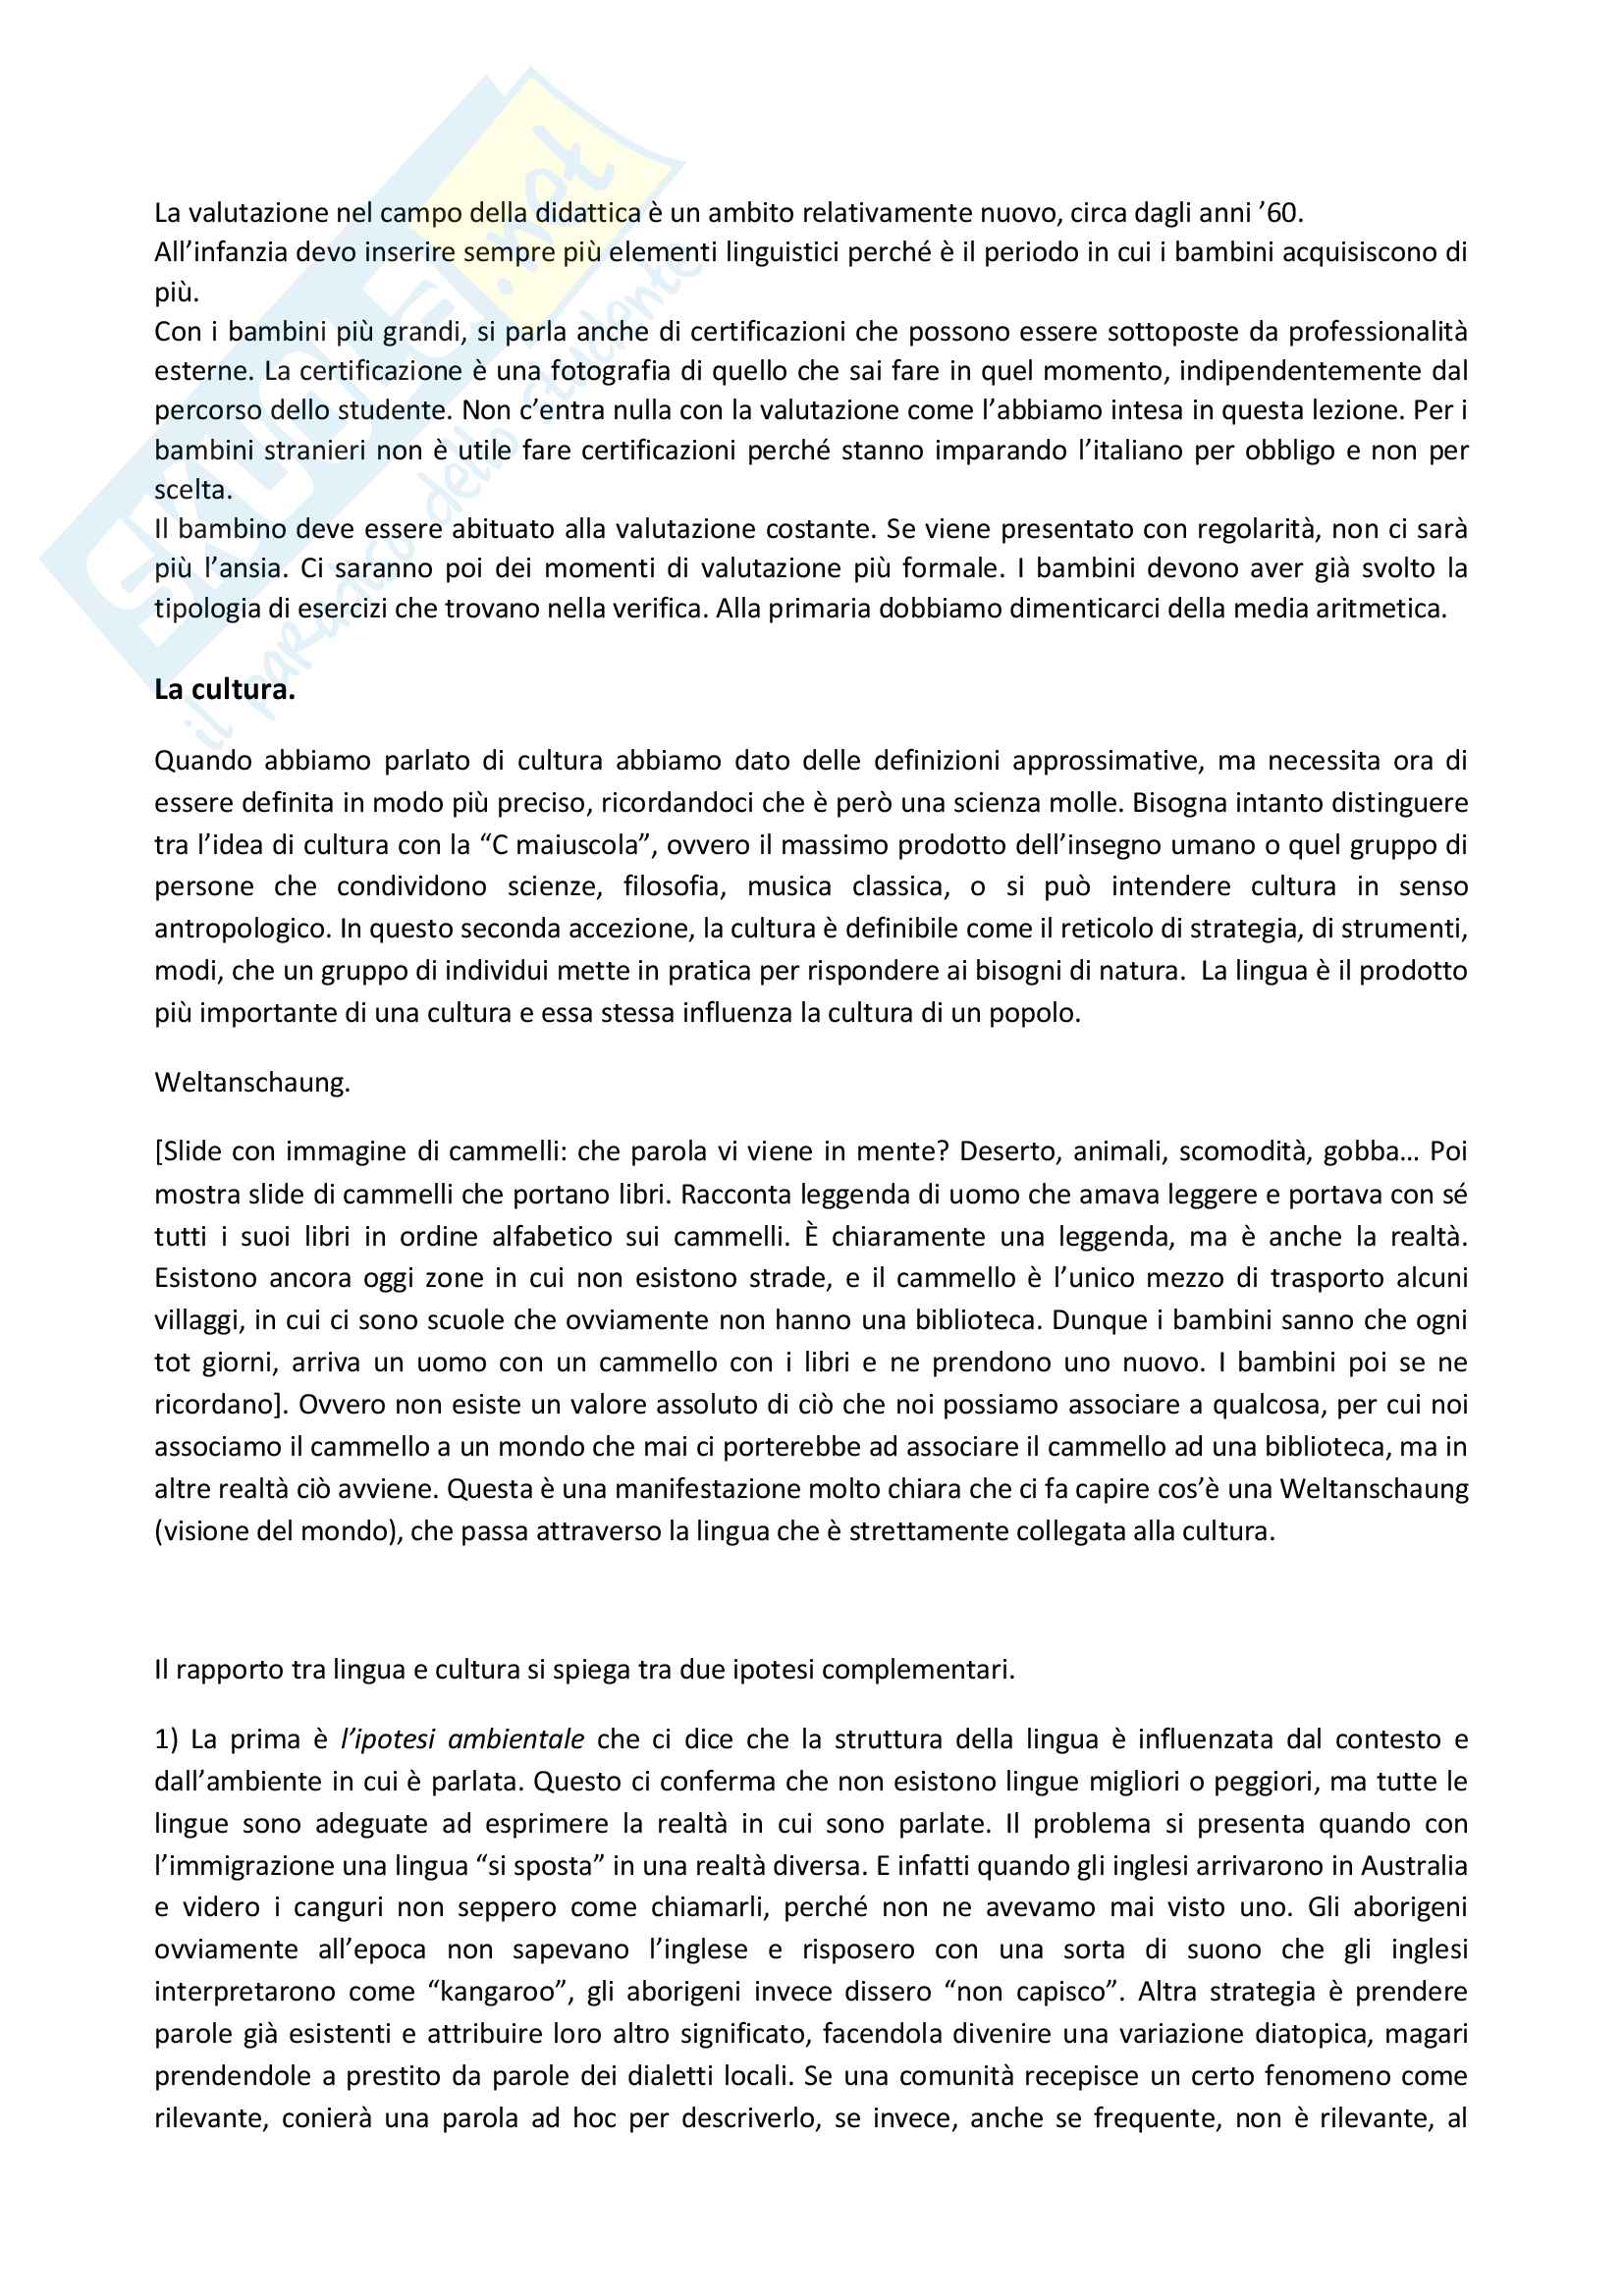 Appunti delle lezioni di Didattica dell'italiano L2 prof Santipolo Pag. 21